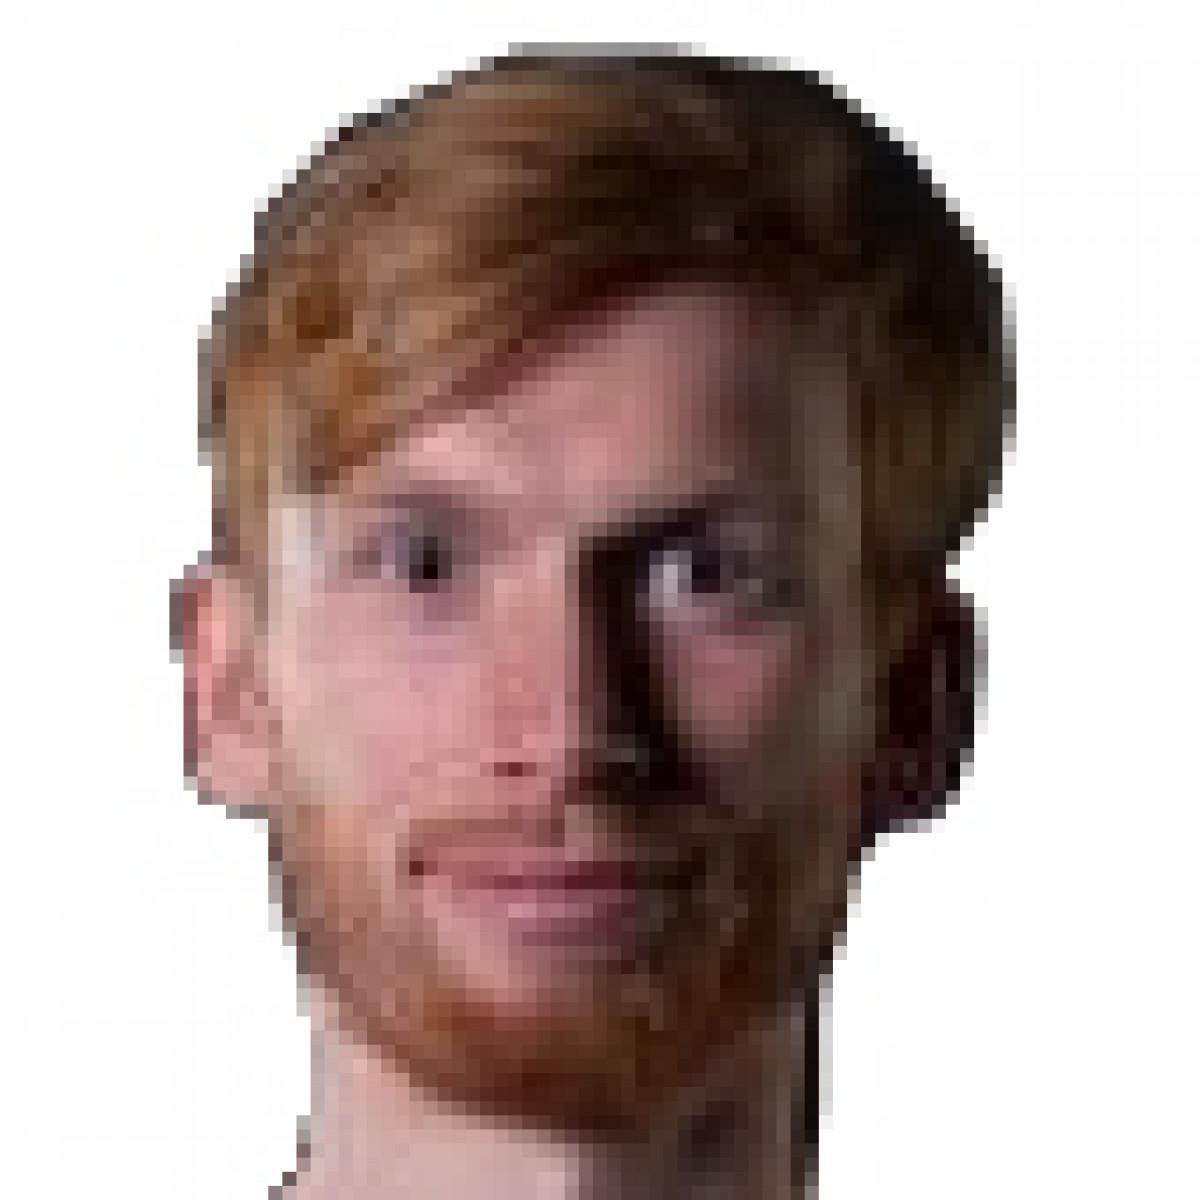 Mathias Seilund